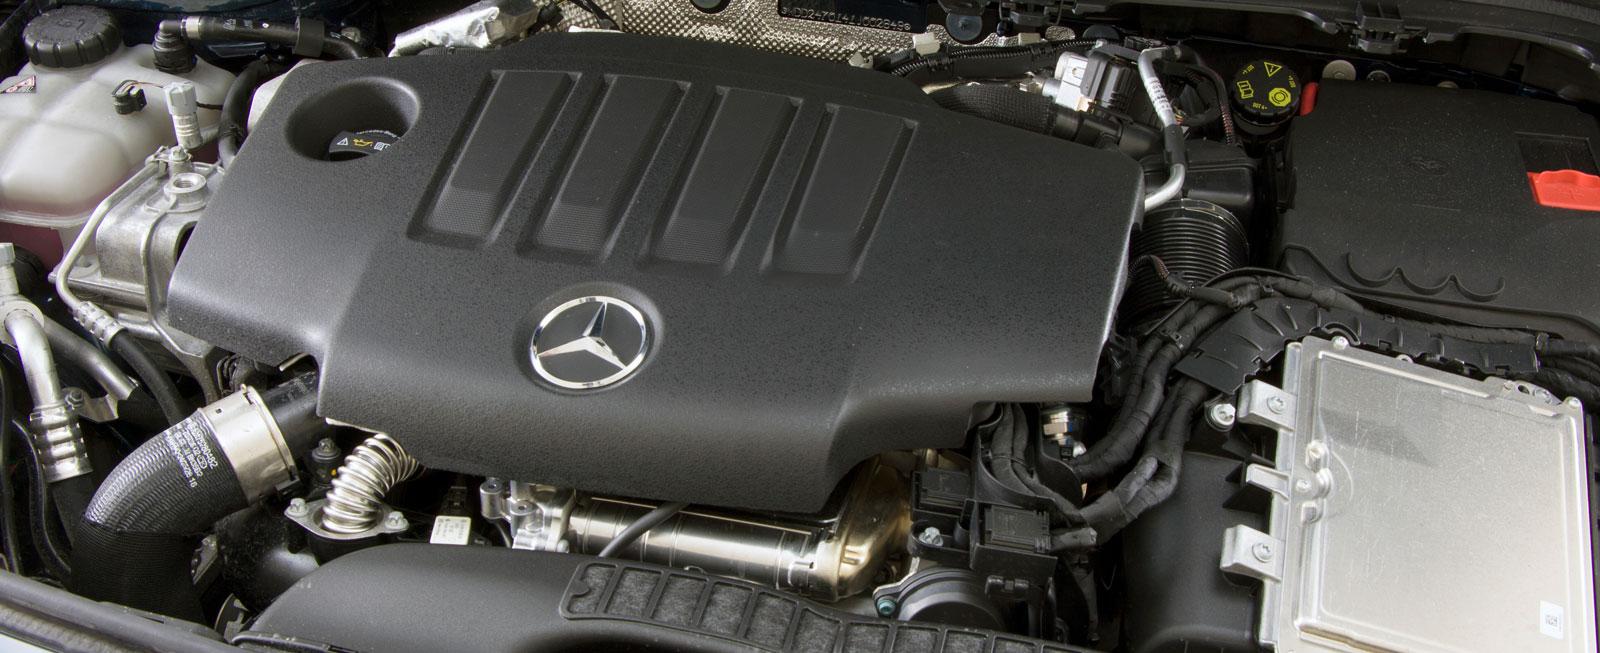 Nya 220-dieseln är på två liters volym och ger hela 190 hk. Härligt kraftflöde paras med trivsam gång och testets lägsta bränsleförbrukning.